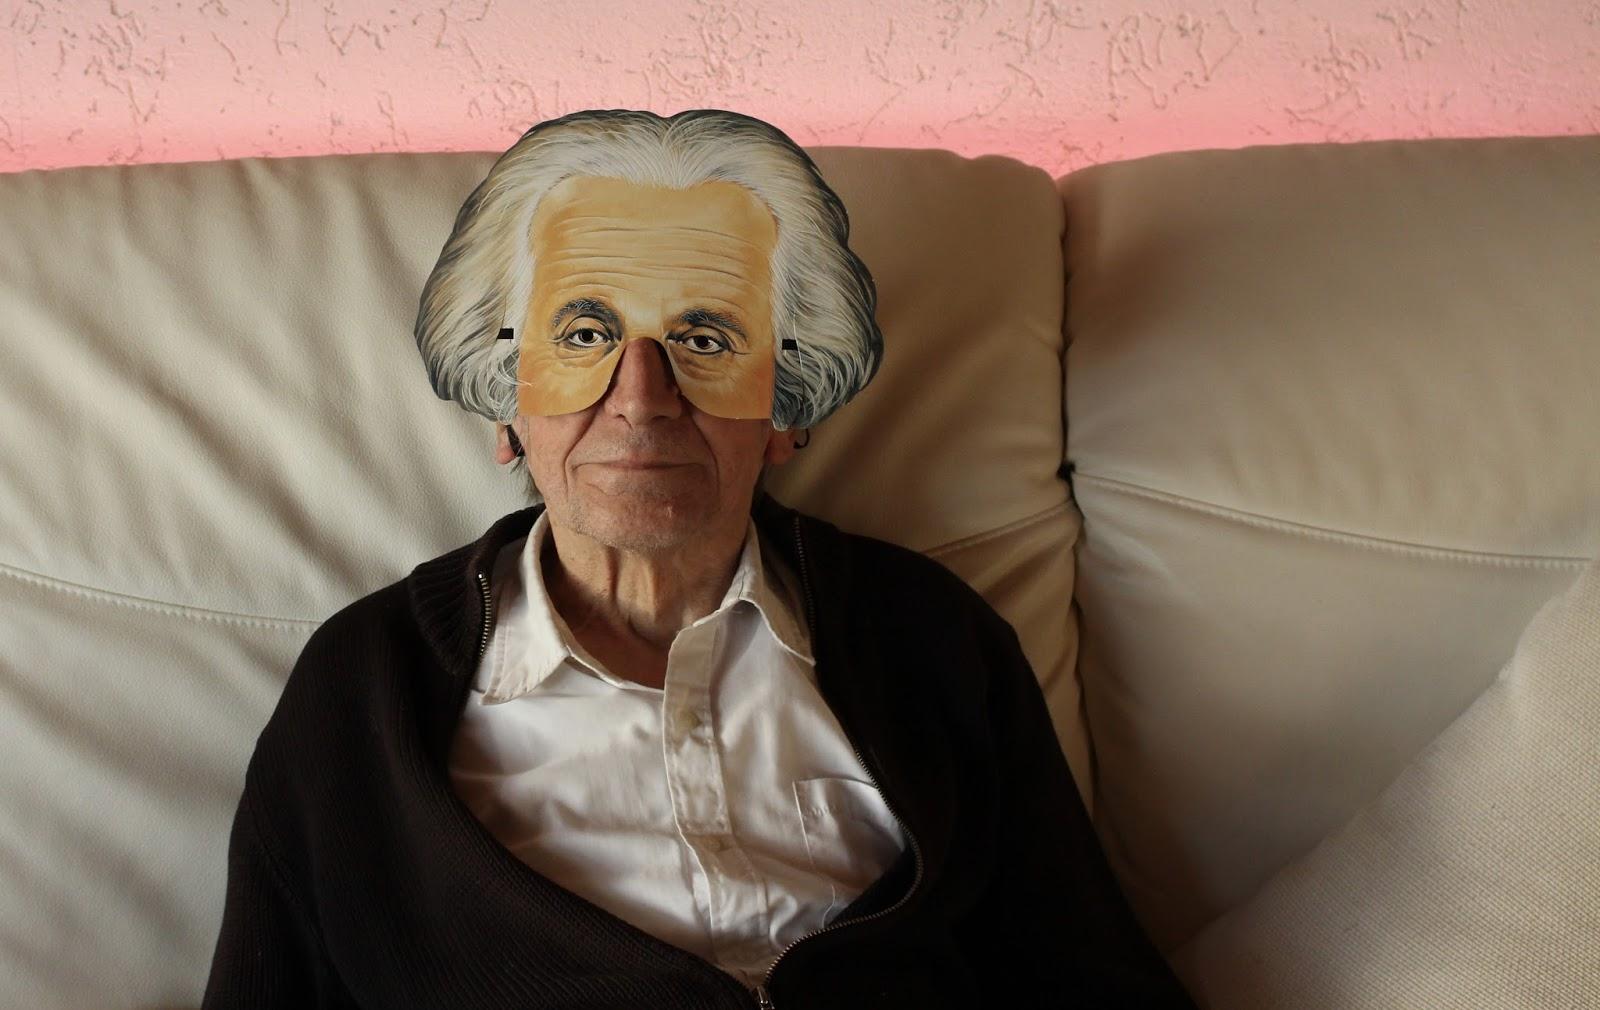 Mein Vater als Einstein an Silvester 2017